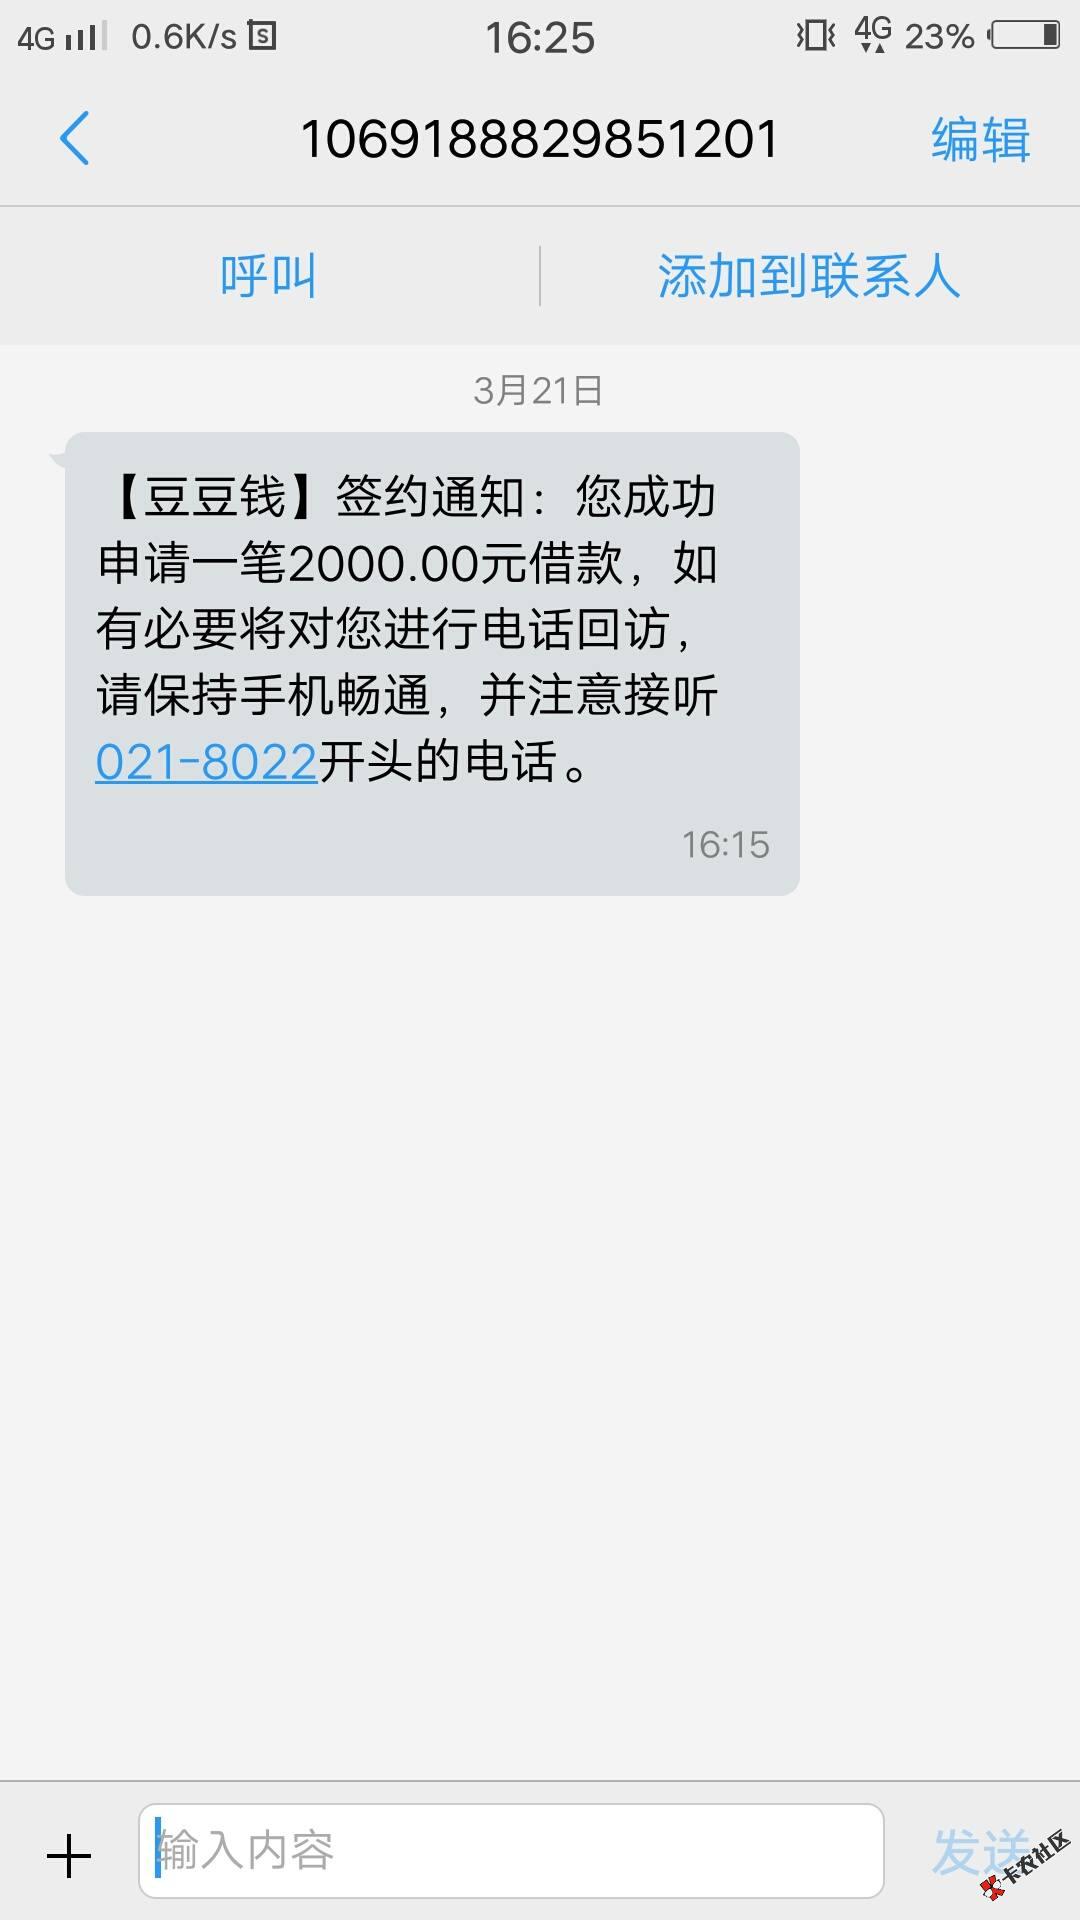 维信旗下口子,使用半年以上实名手机号最高可借20万...79 / 作者:卡农小蛋 /